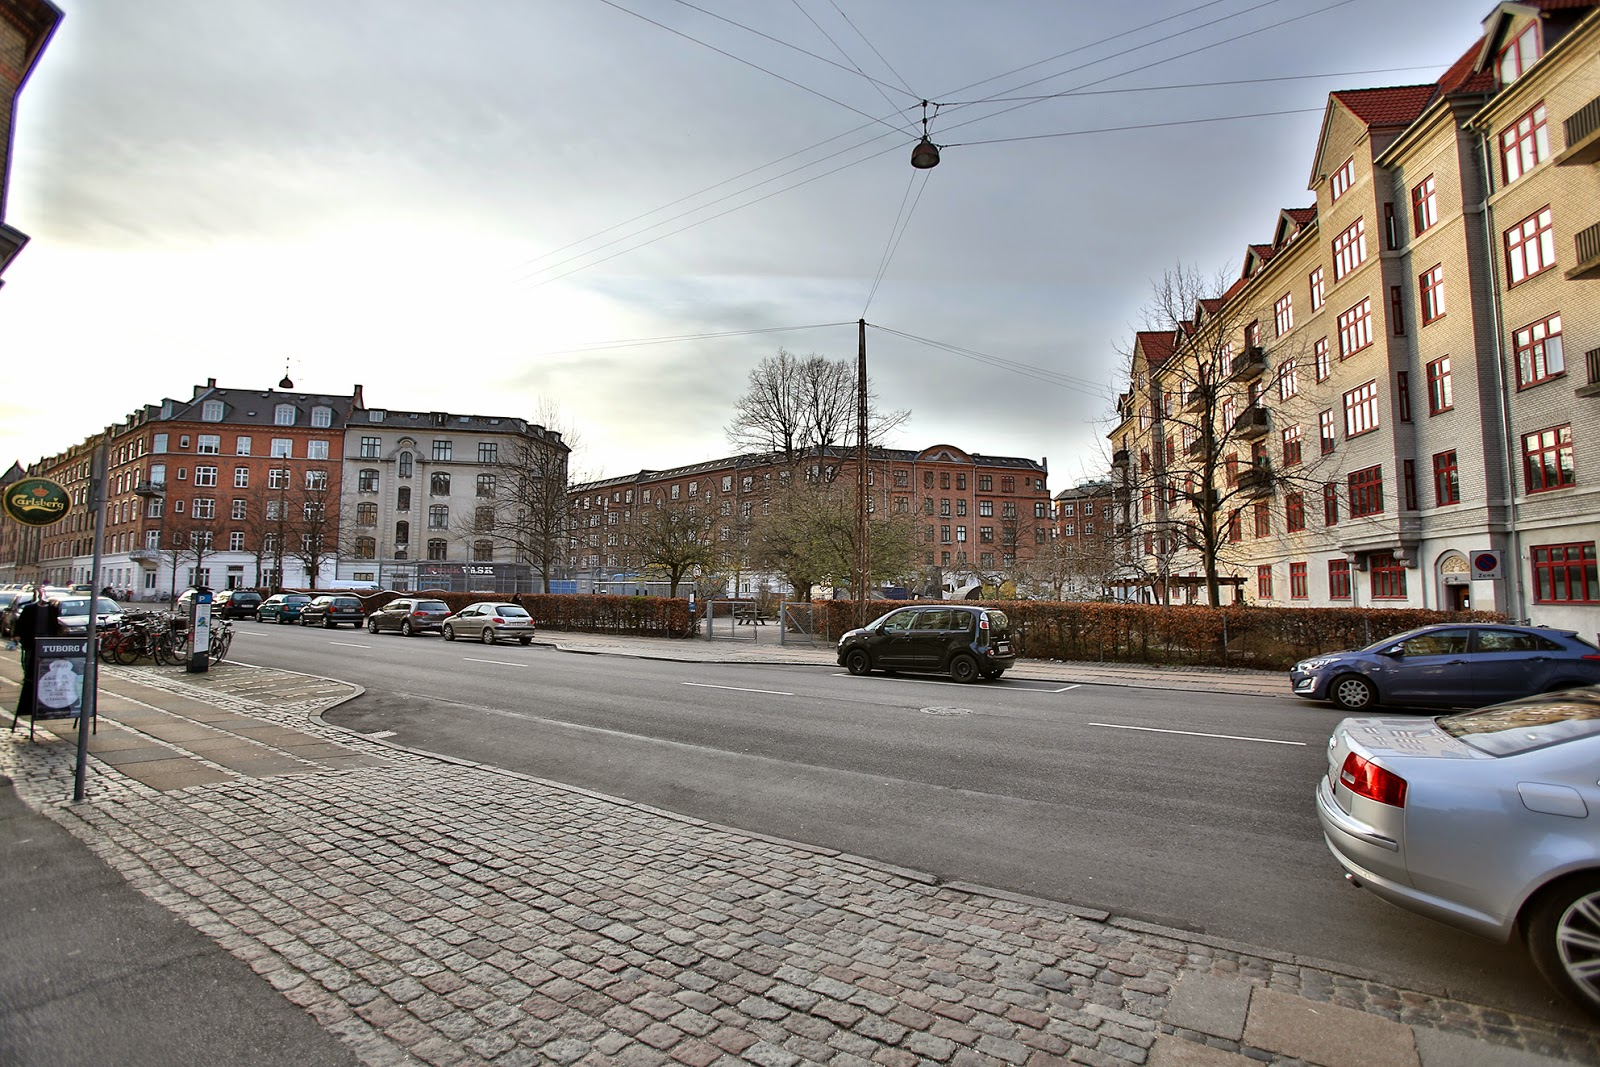 Erhvervslokale Nordhavn Østerbro